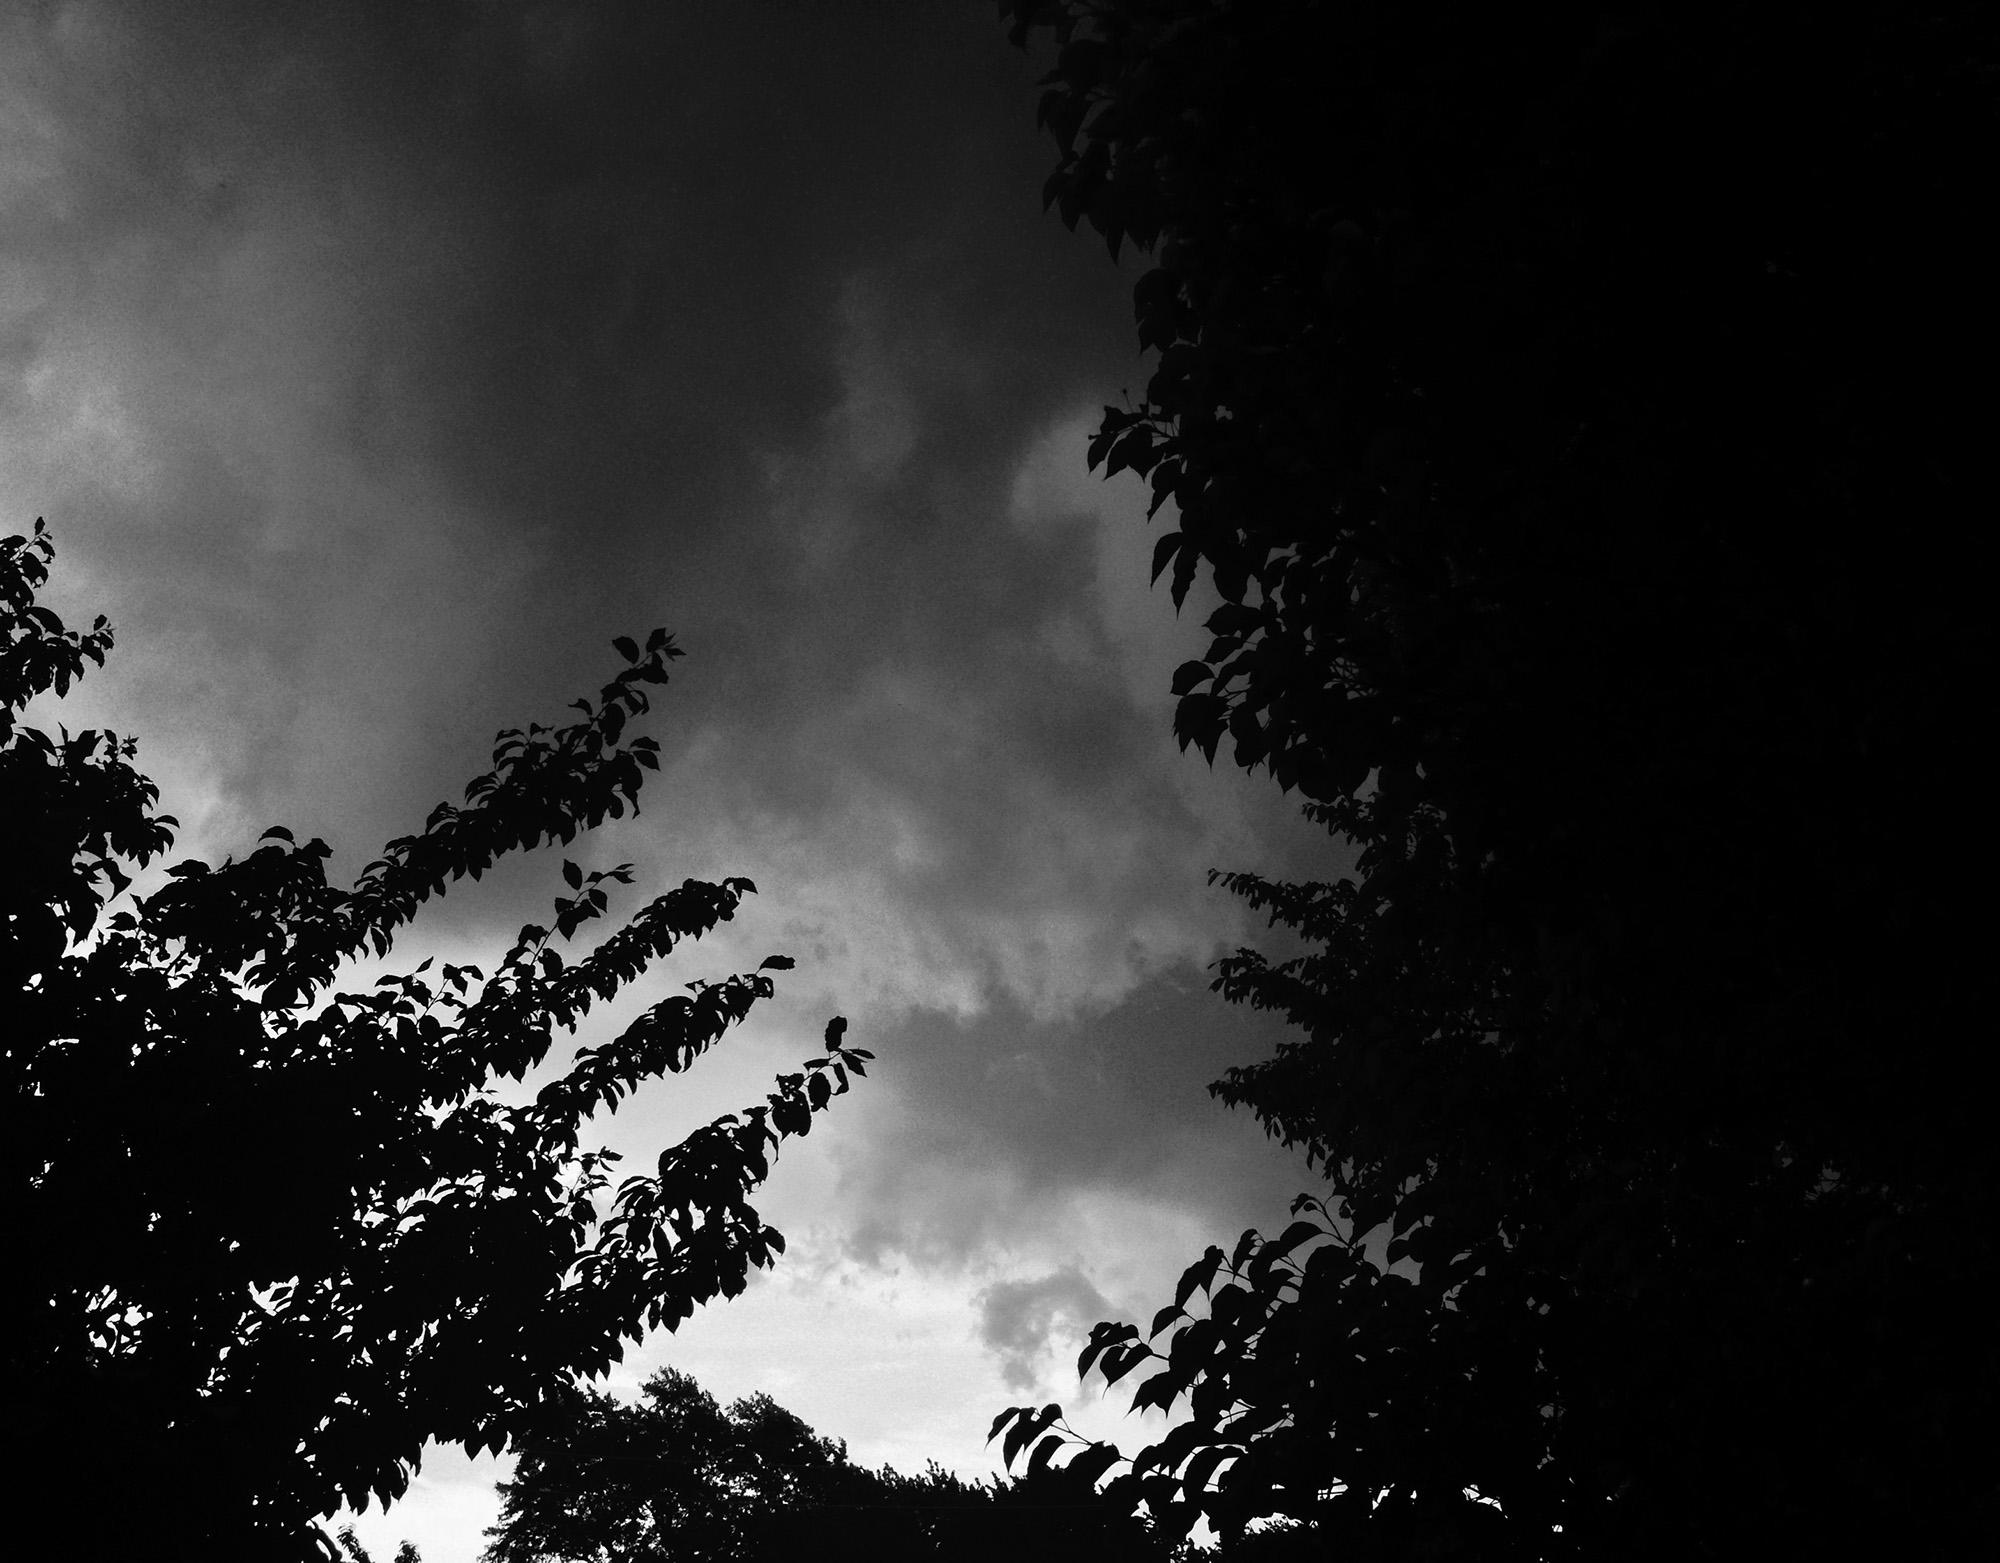 Summer storm in Chicago / Darker than Green